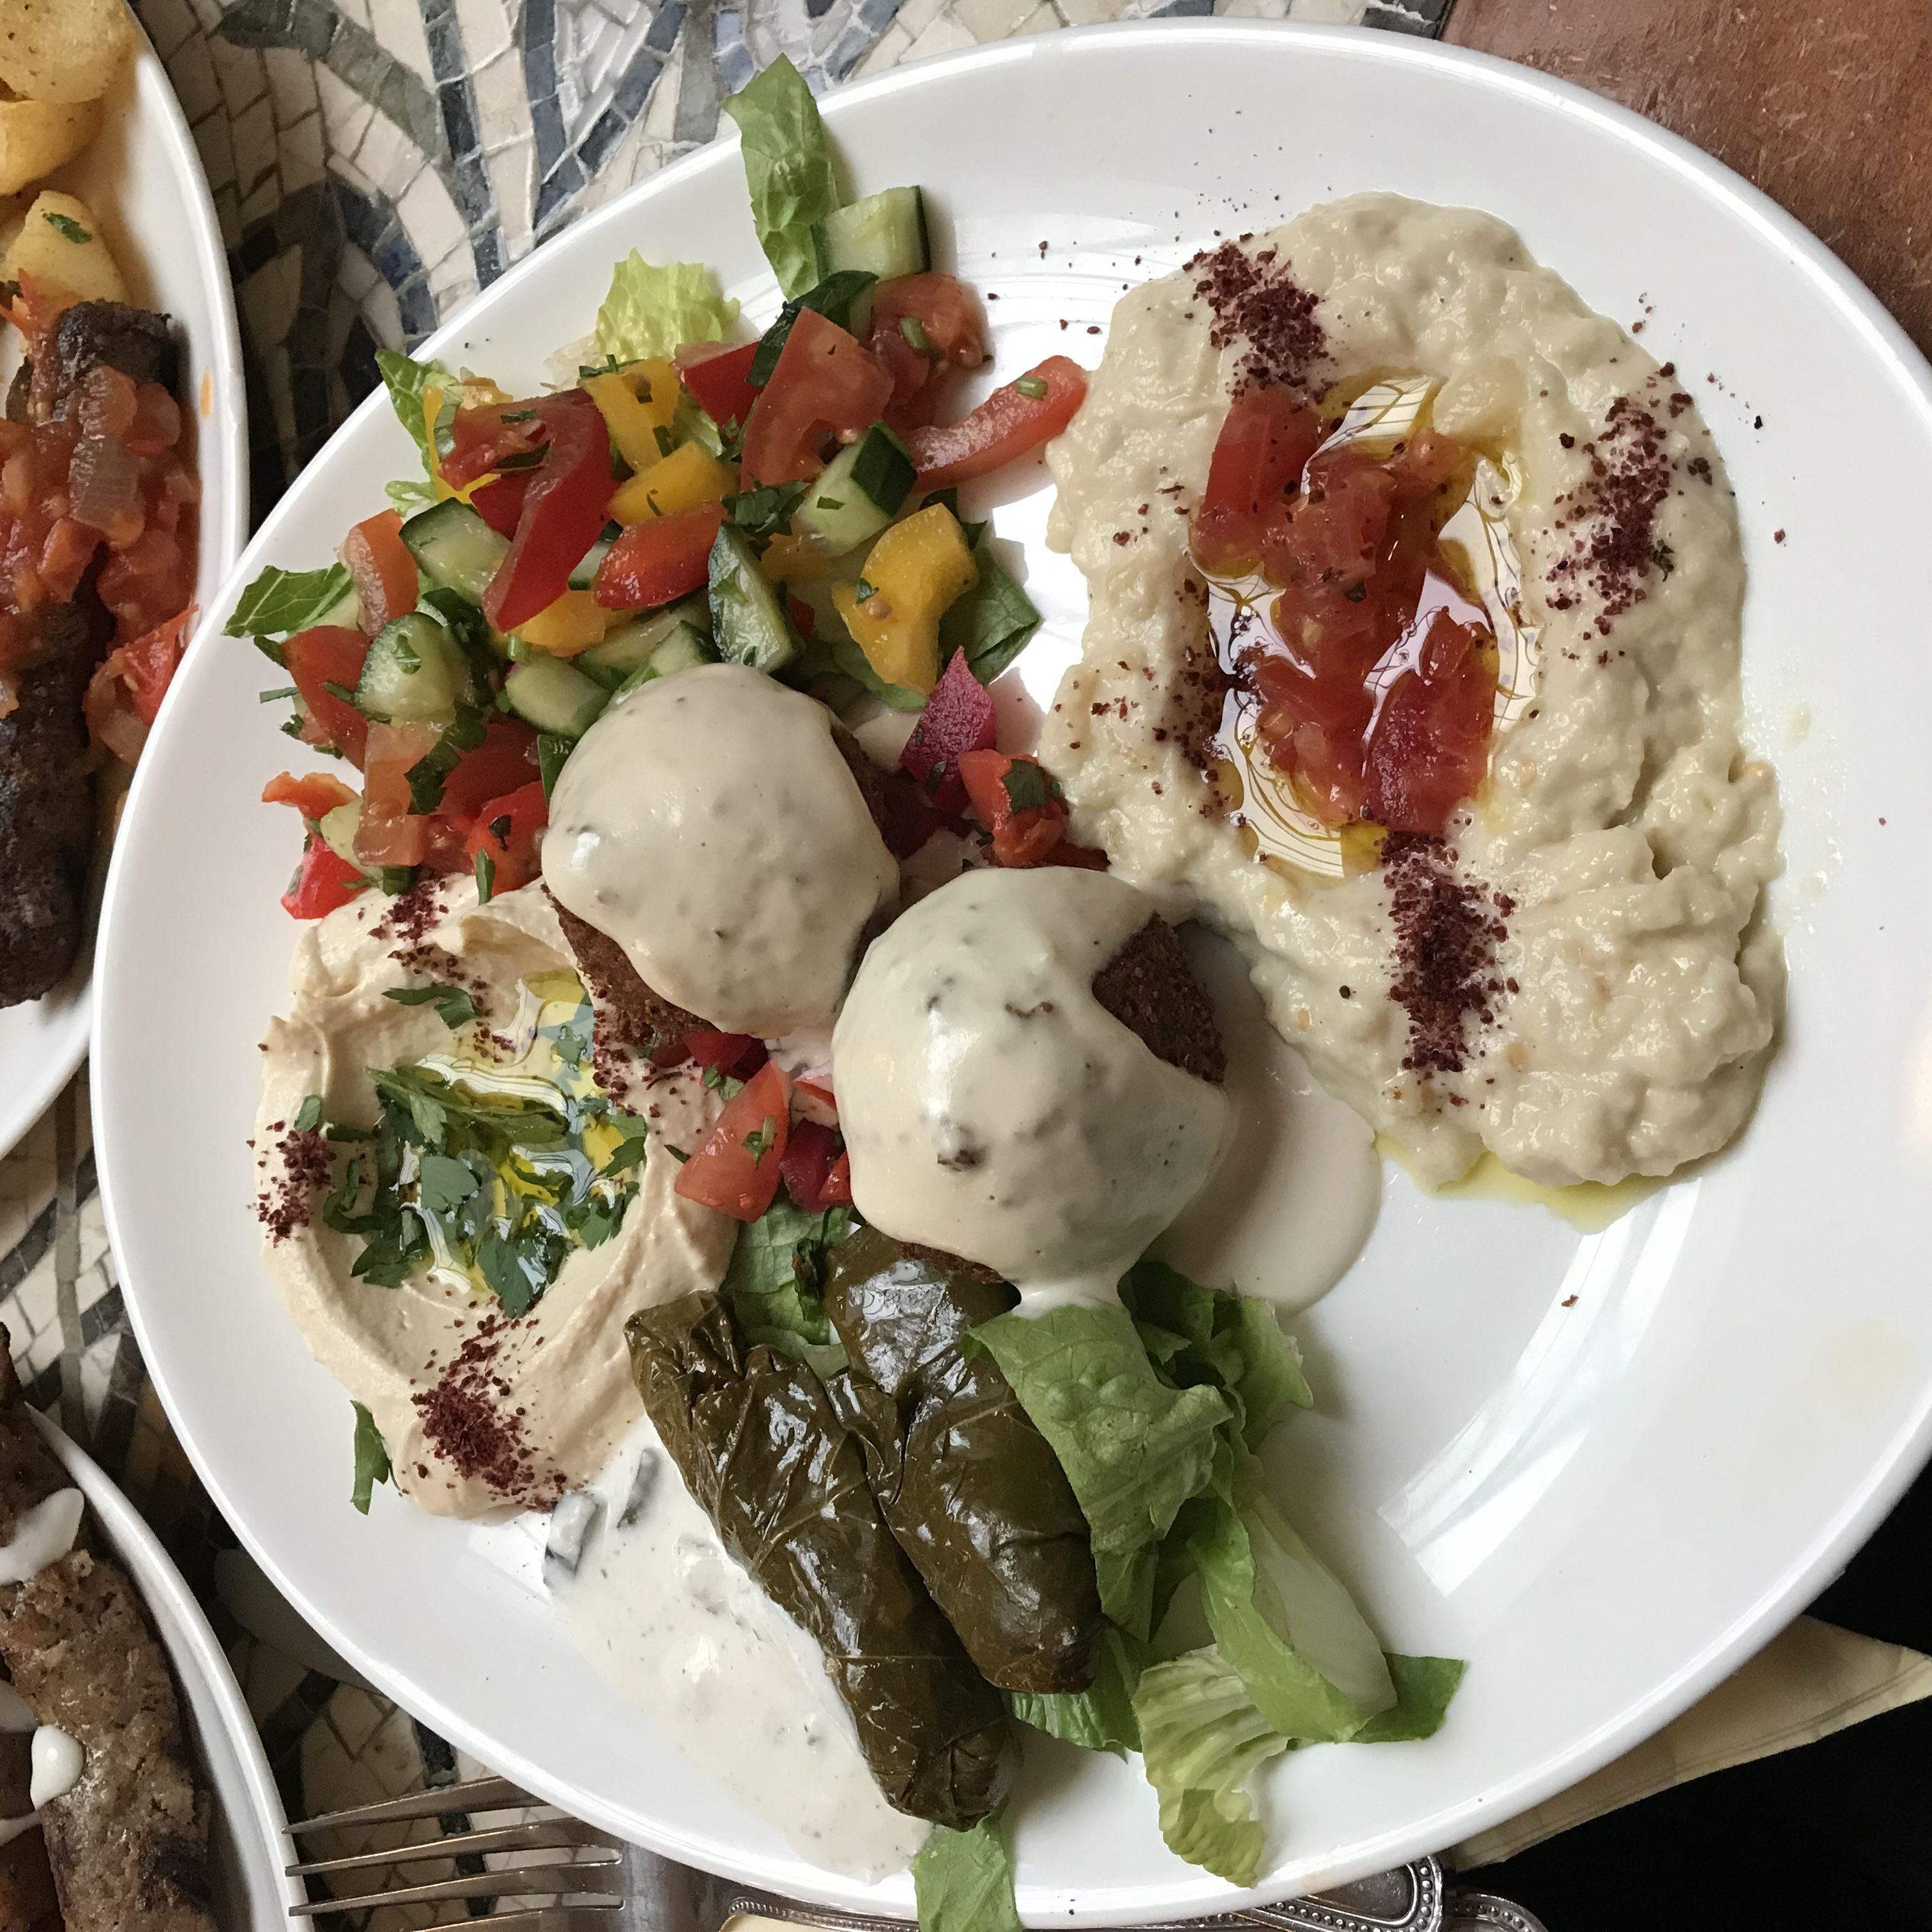 Falafel platter from The Cedar Tree.